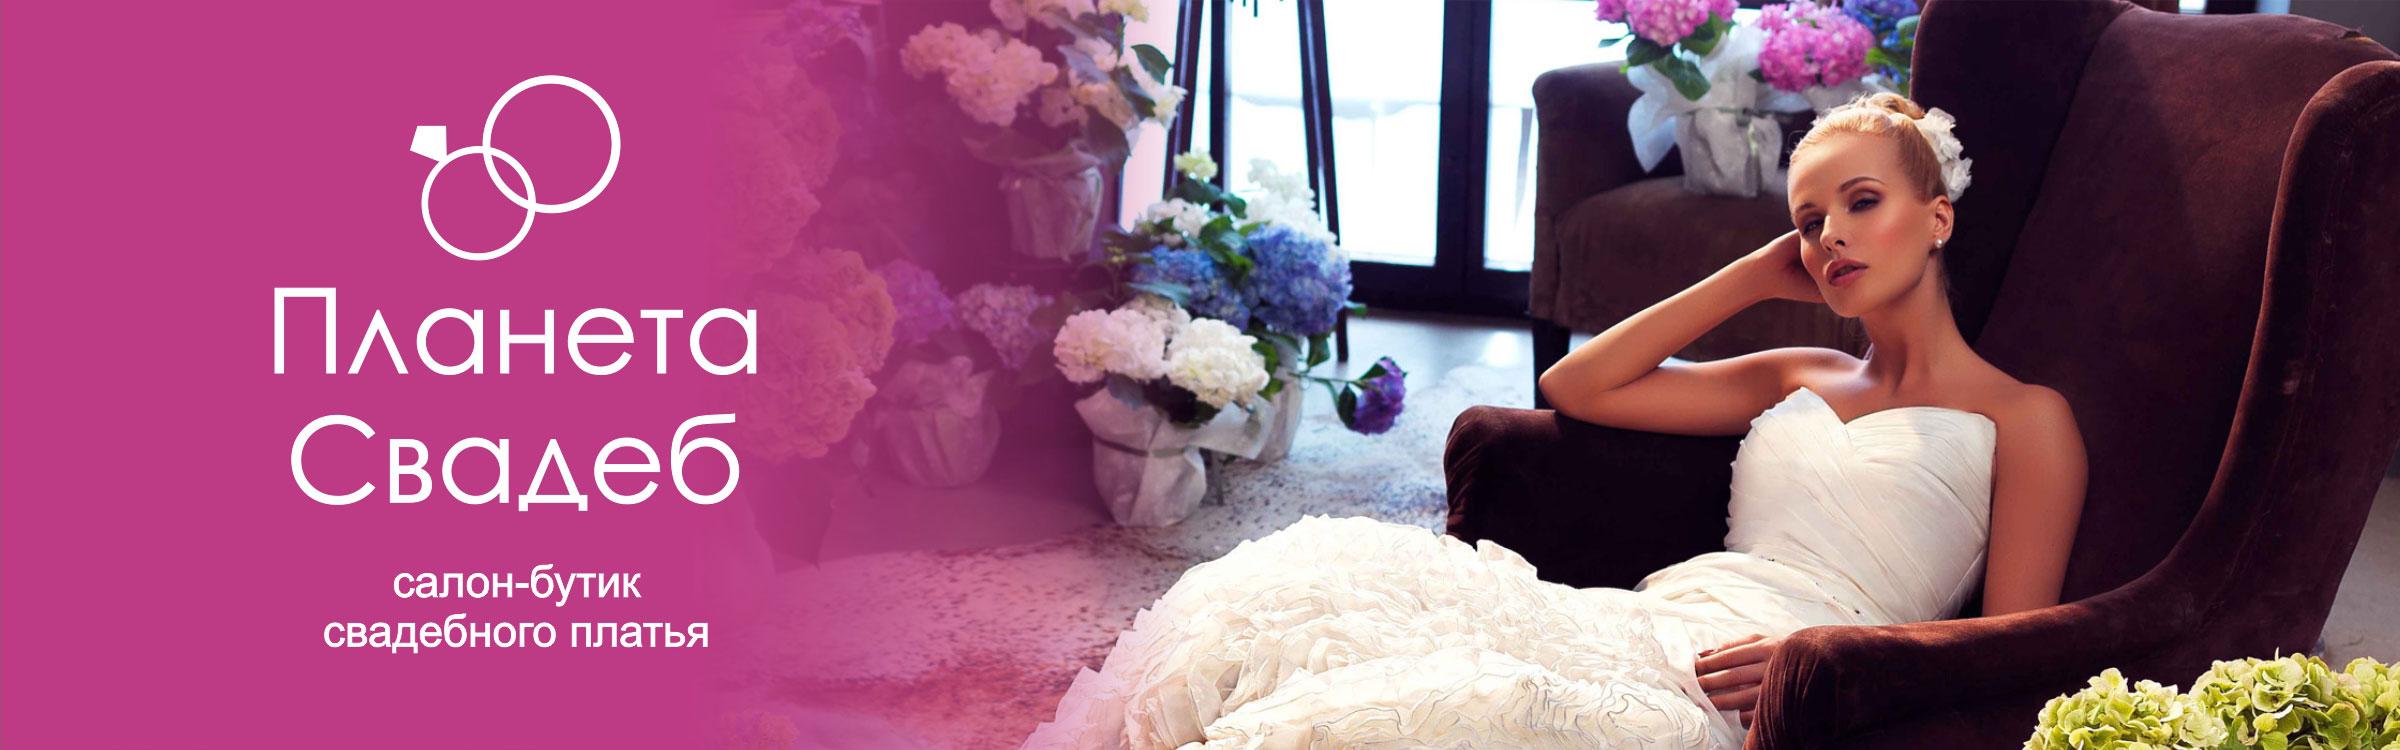 Свадебный салон 'Планета свадеб - Свадебный салон' в Смоленске. Главная страница